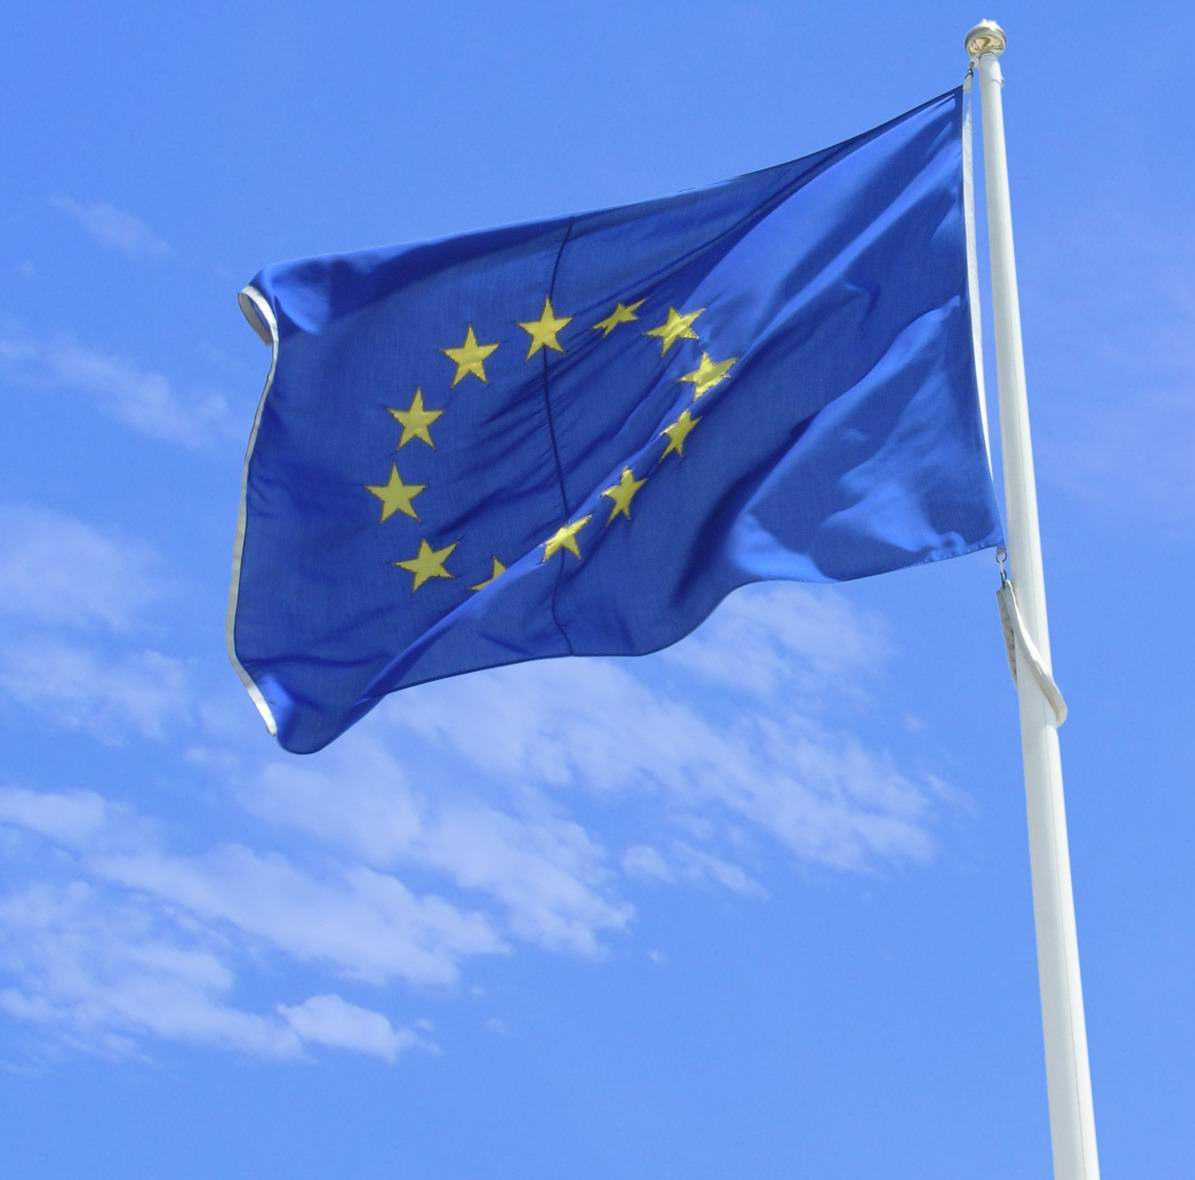 La entrada en vigor de la SEPA, las elecciones europeas y las decisiones del BCE: factores decisivos para el 2014.